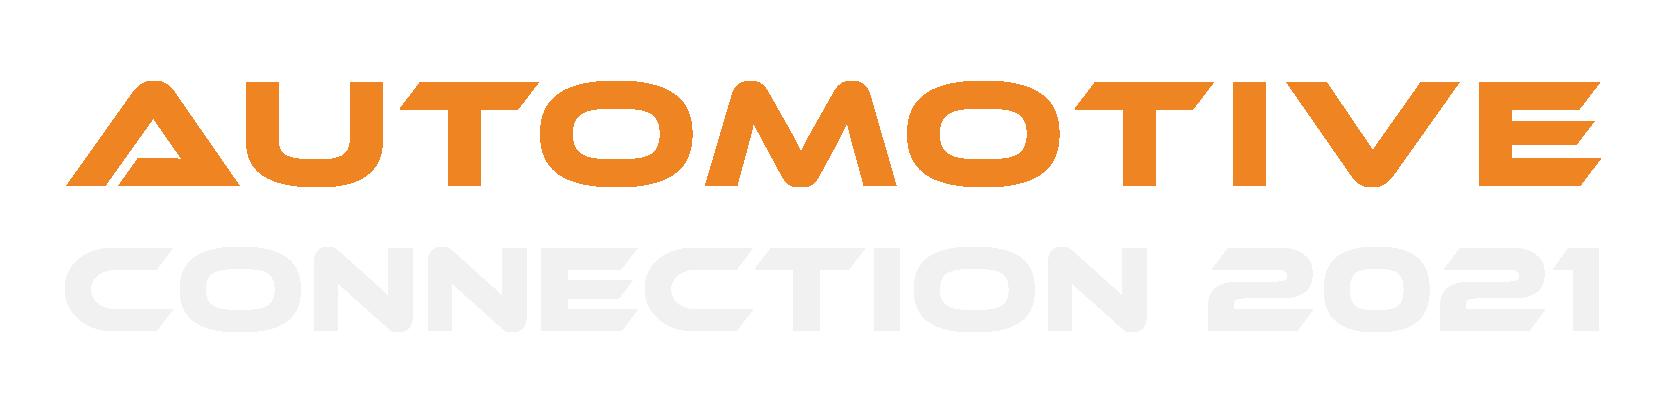 Automotive Connection 2021